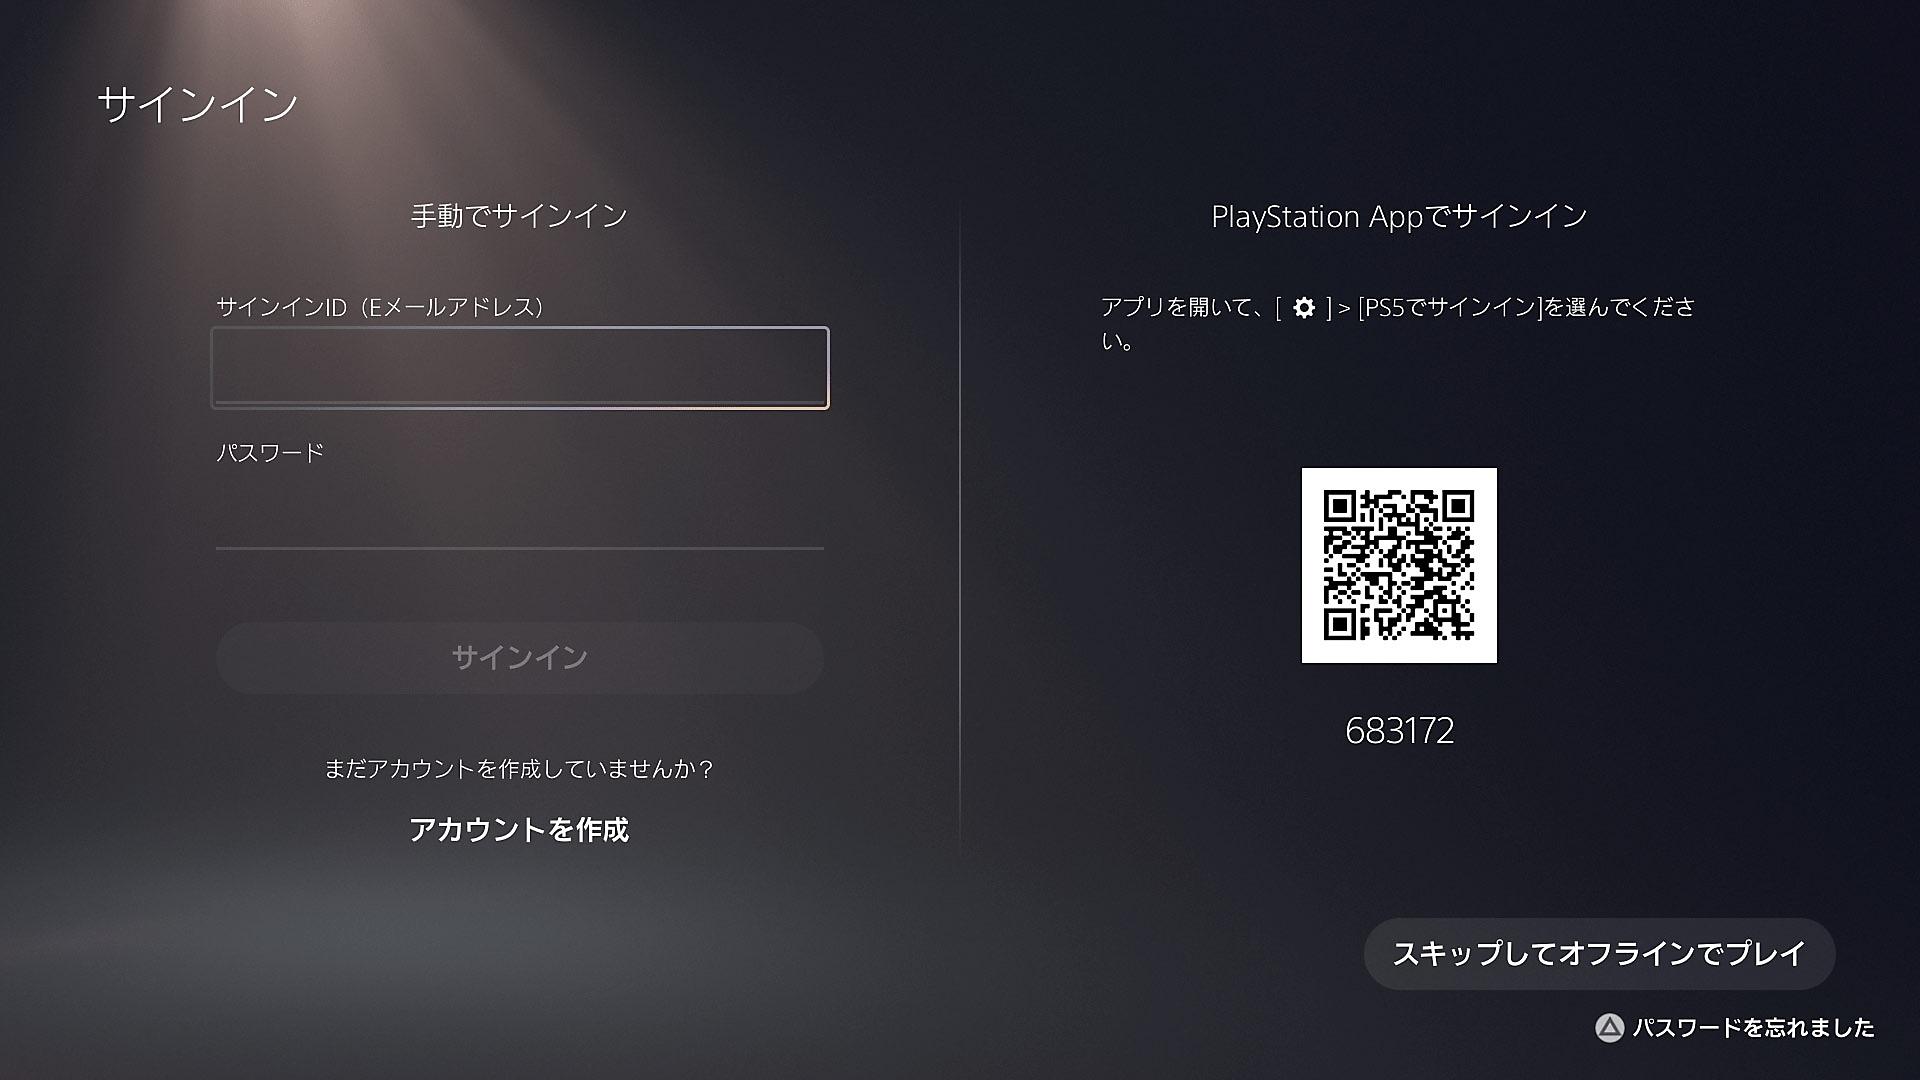 PS AppのQRコードでPS5にサインイン